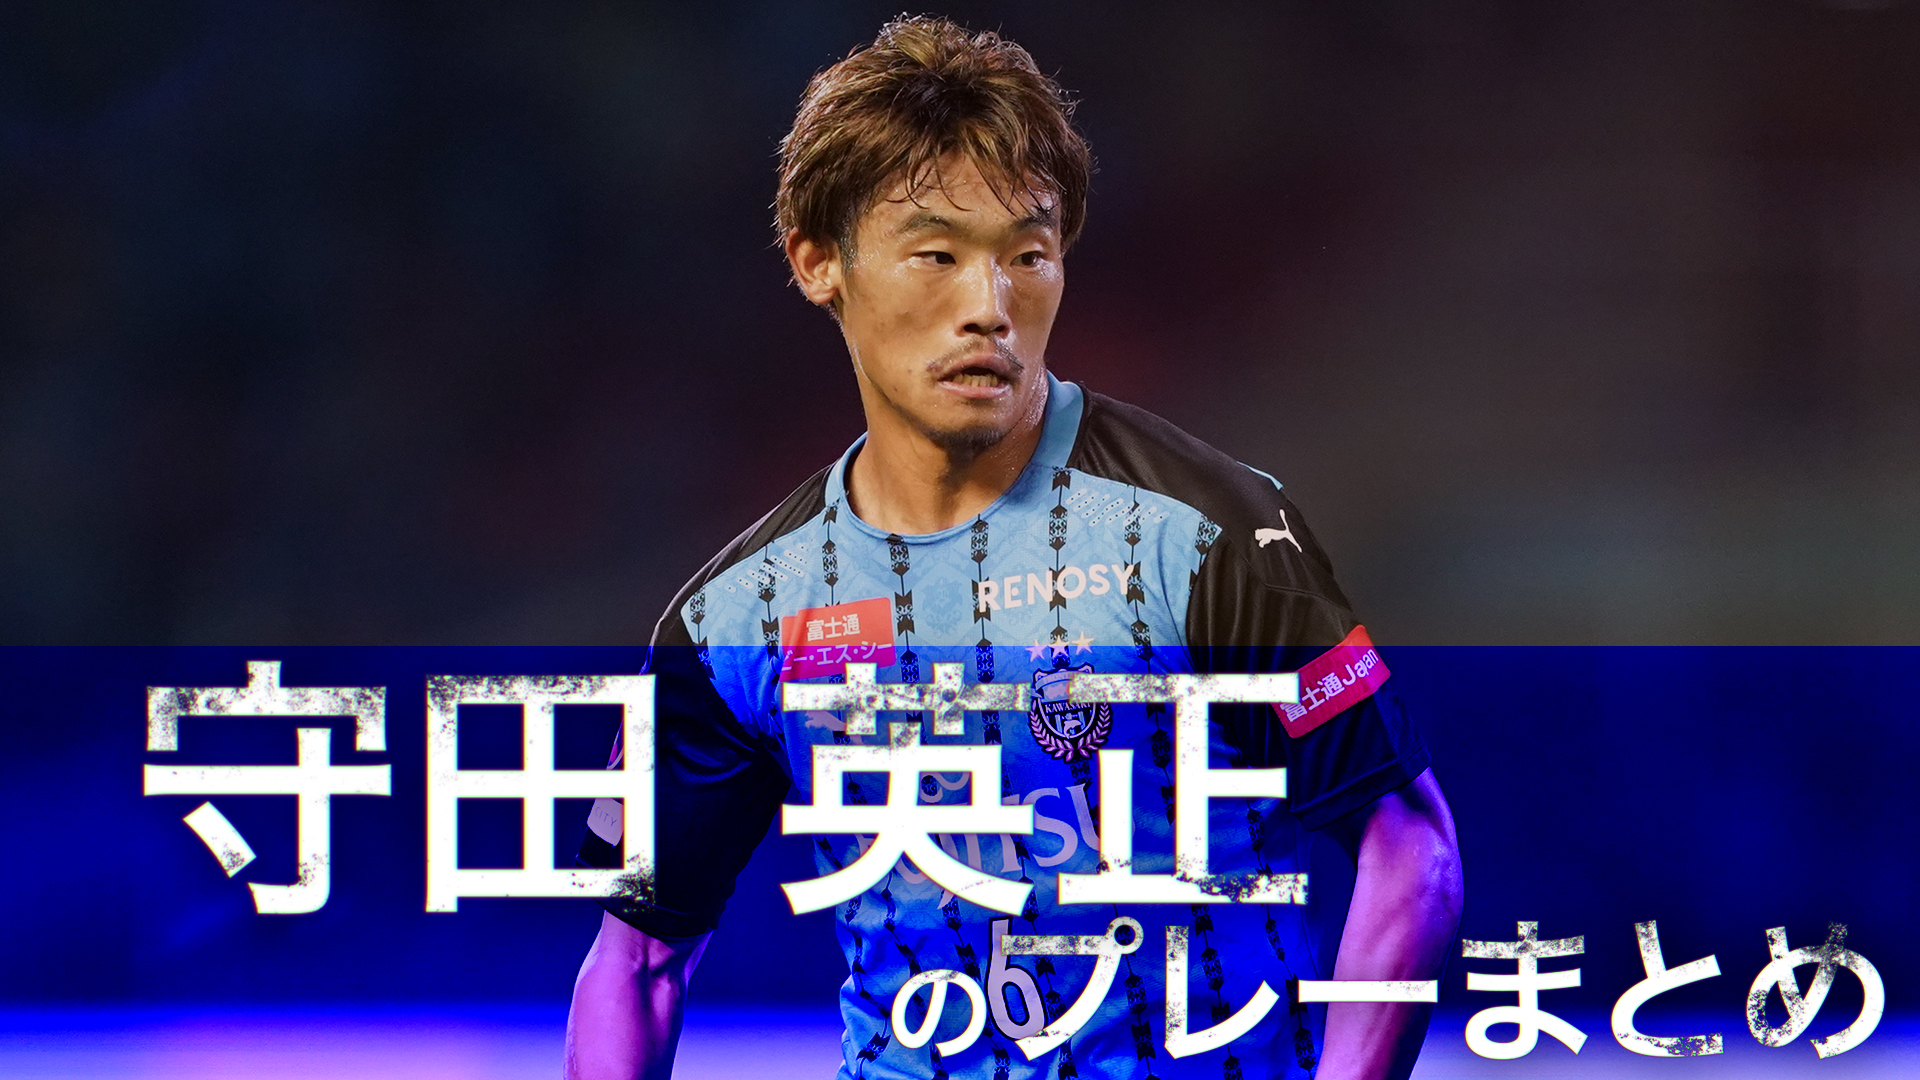 【まんべんなく高い能力】守田英正のJリーグ時代のプレー集